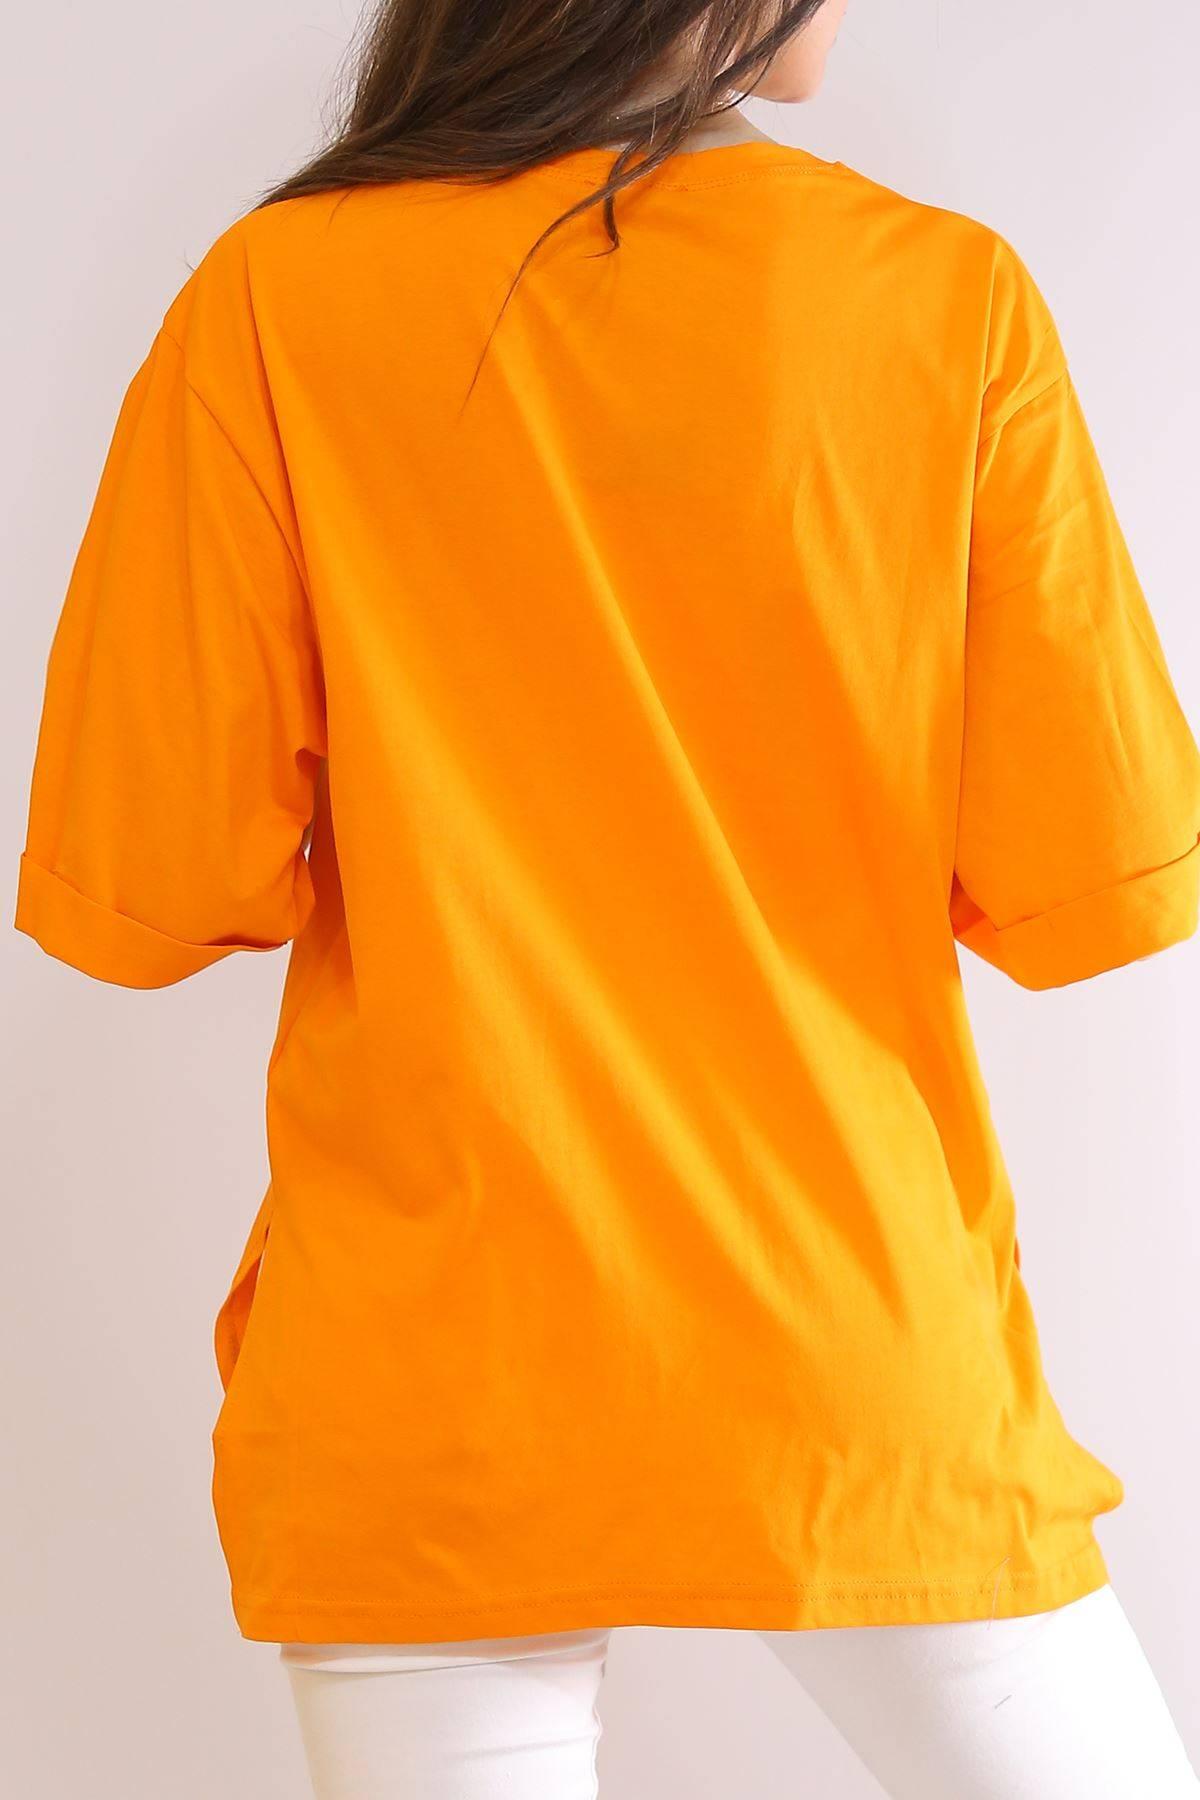 Baskılı Yırtmaçlı Tişört Oranj - 3151.105.